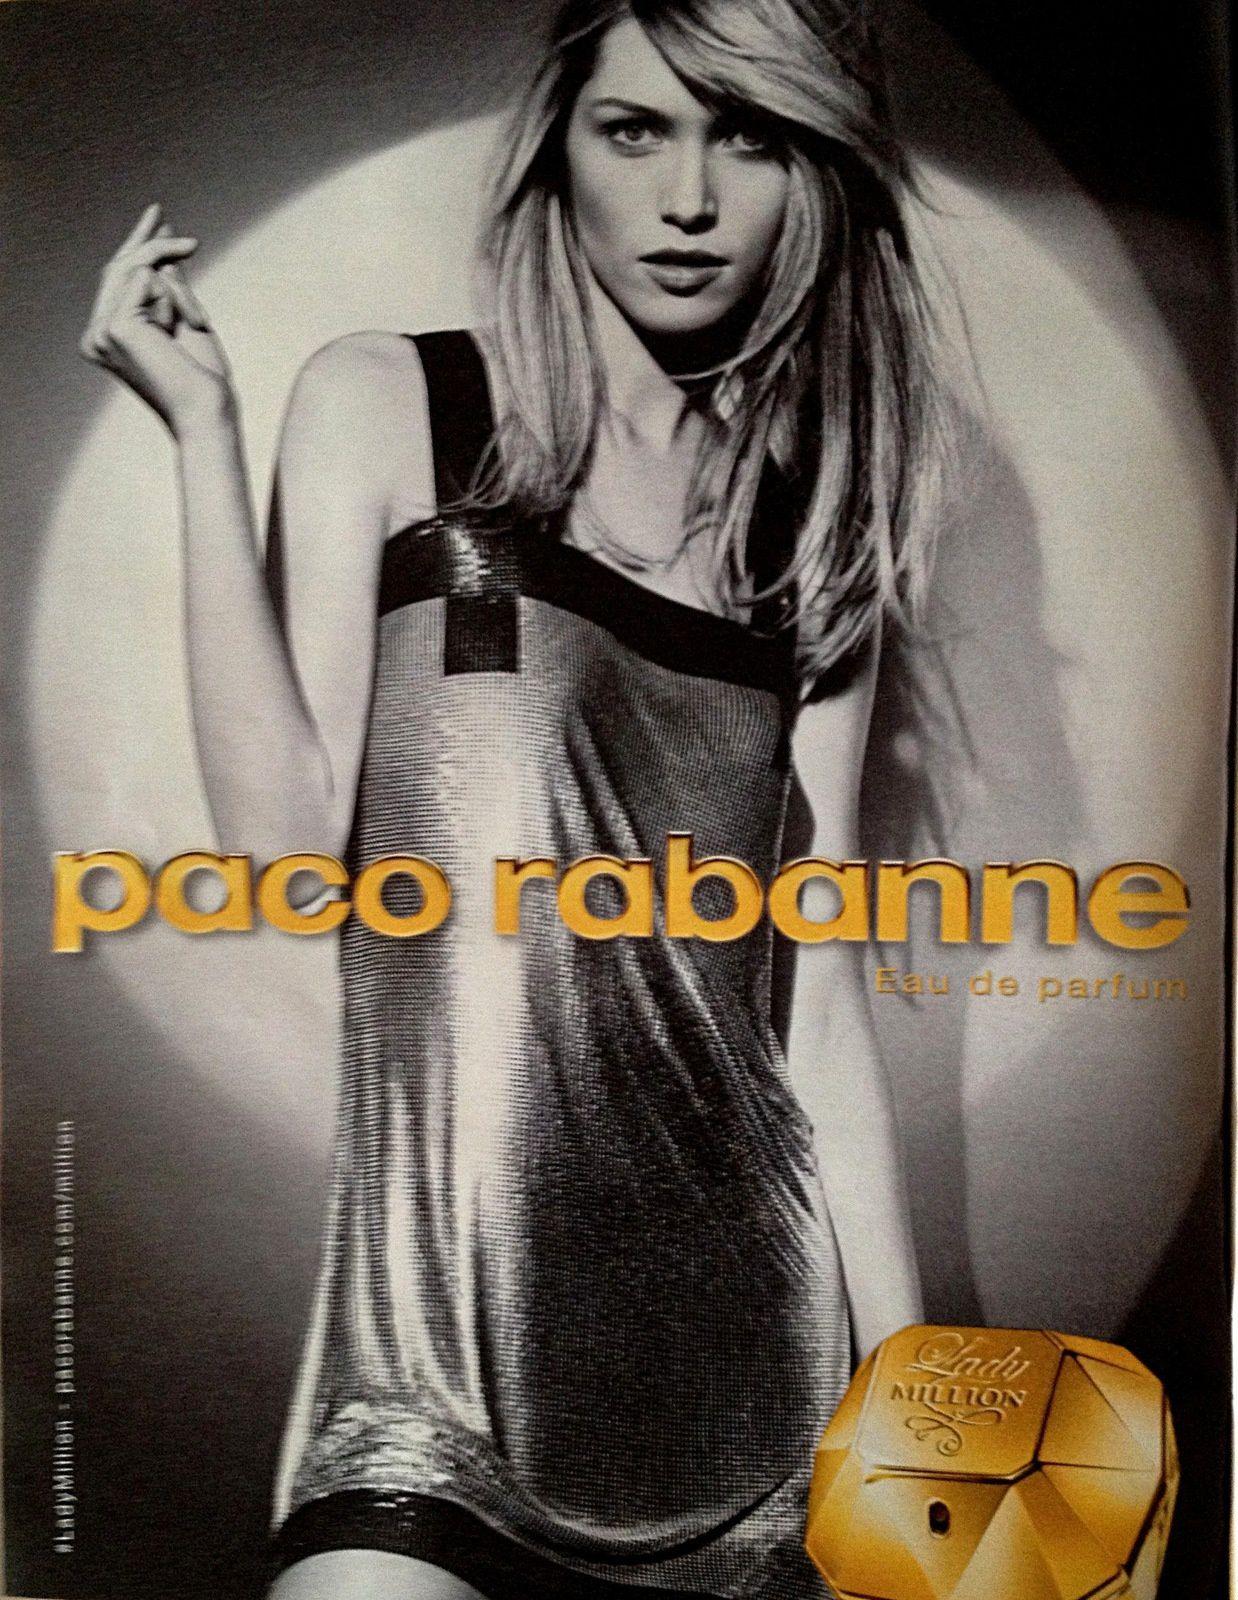 Lady Million de Paco RABANNE